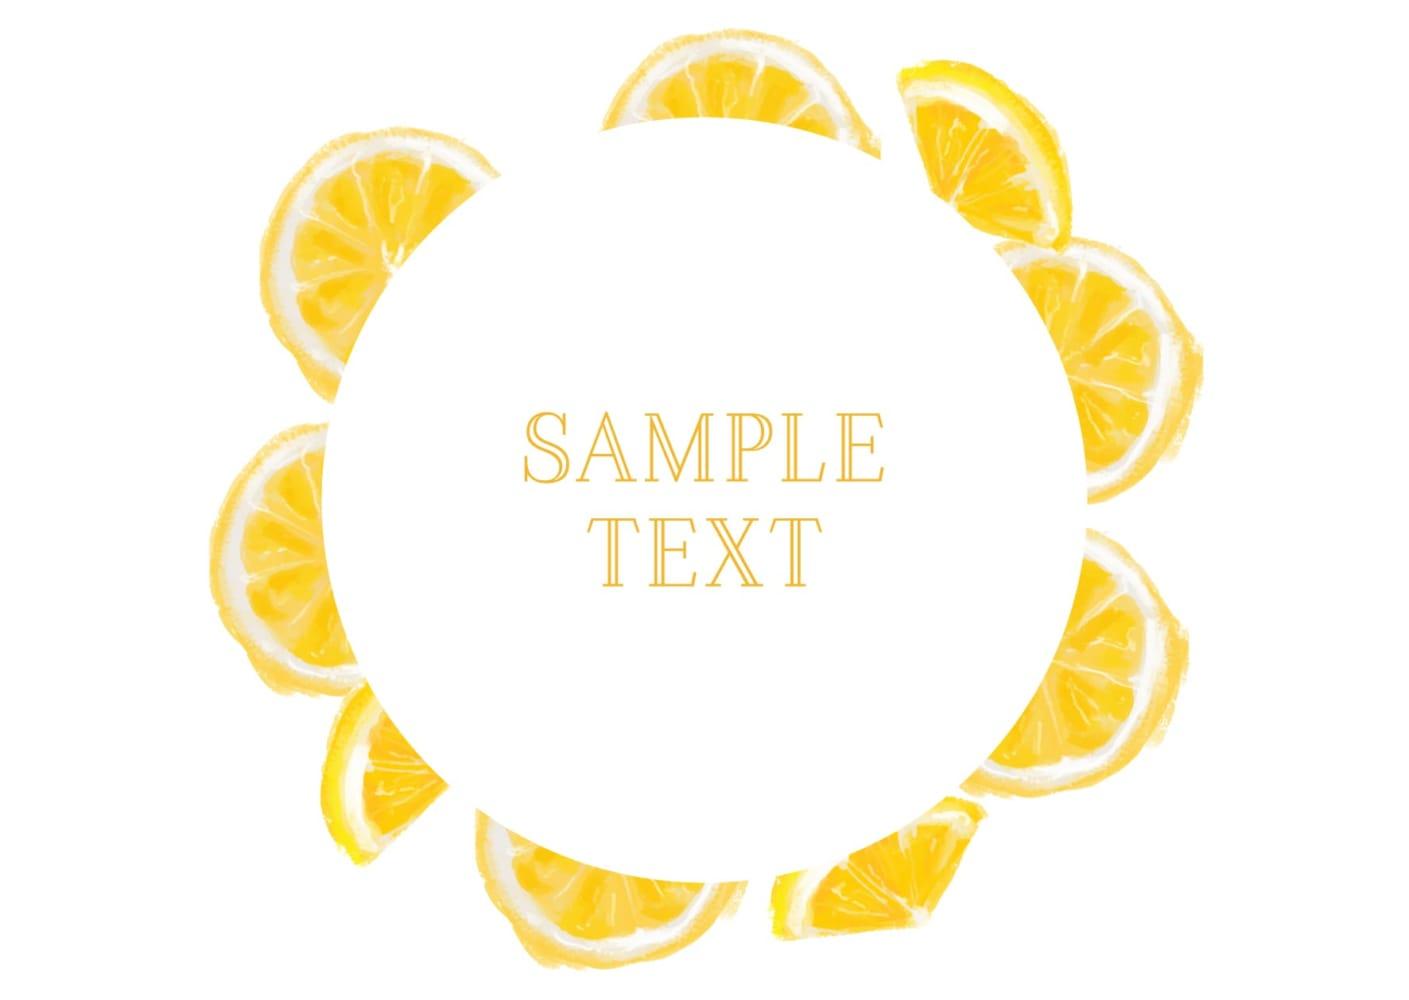 手書き オレンジ 円フレーム イラスト 無料